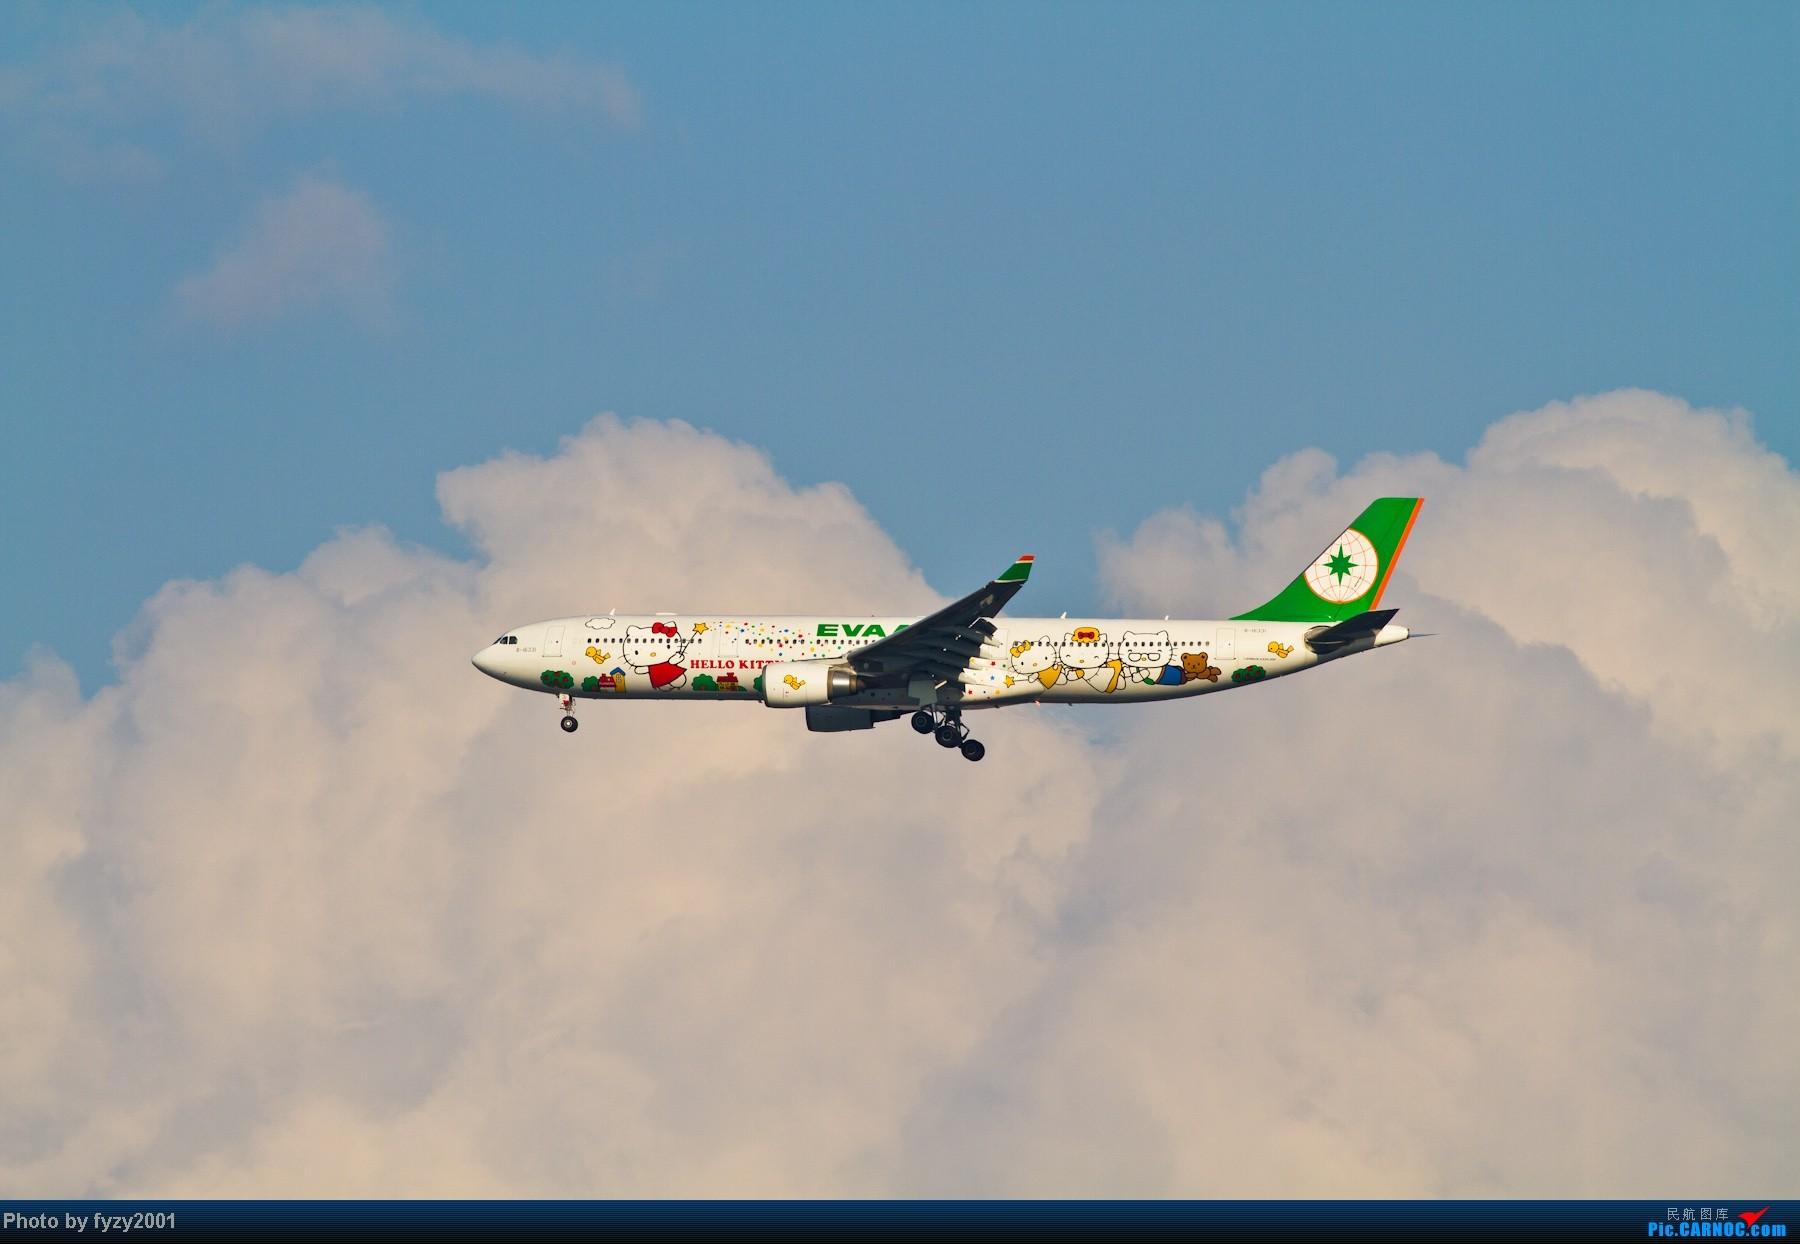 Re:[原创][无锡西站]长假PVG蹲守~~~~只发大图,多图杀猫~~~~ AIRBUS A330-300 B-16331 中国上海虹桥机场